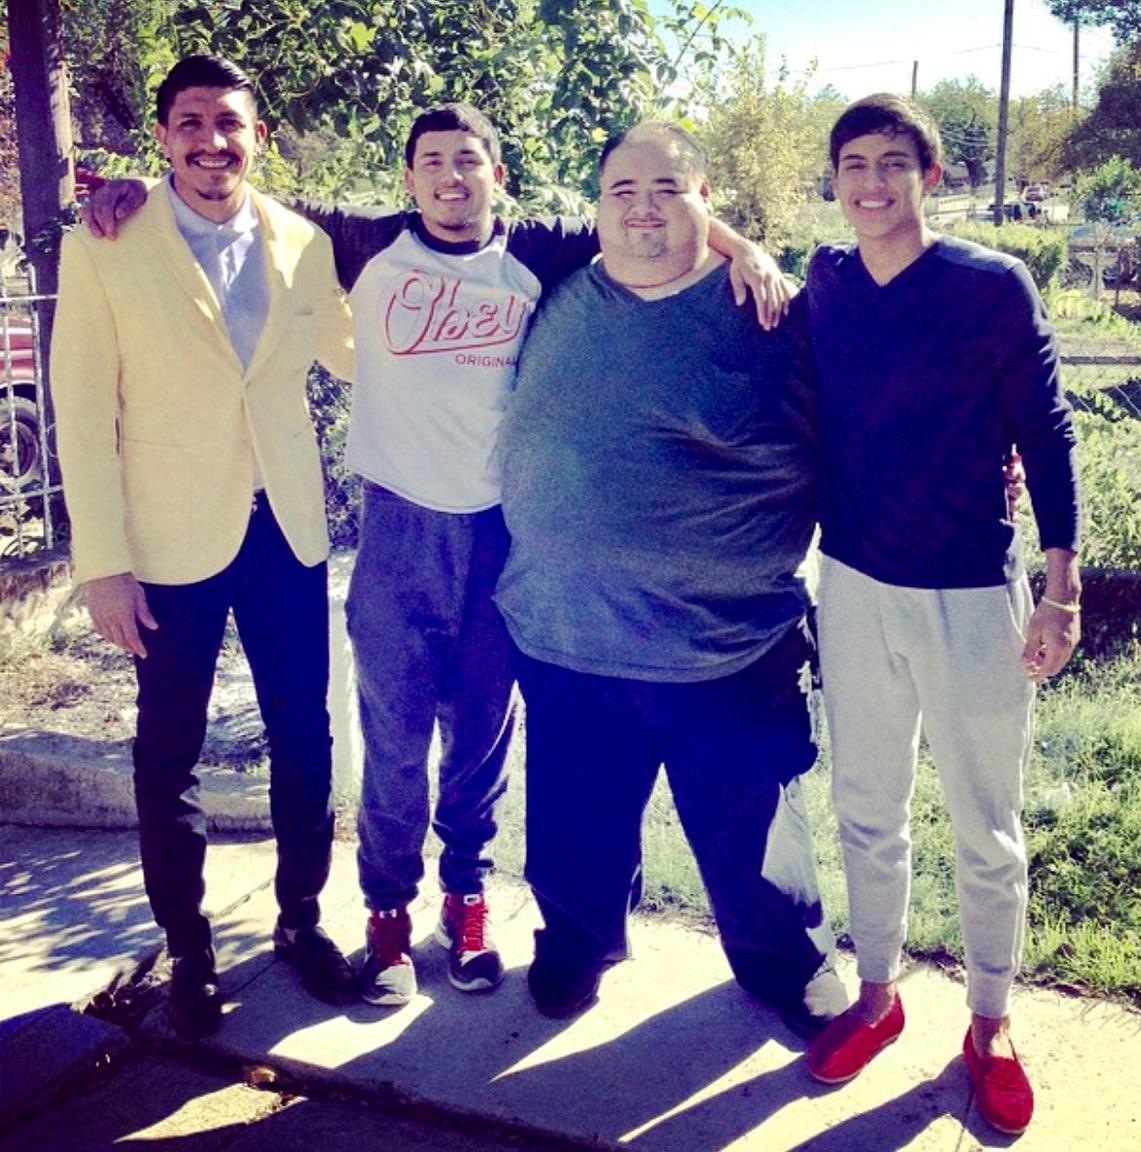 (From left) Orlando Mendez-Valdez, Ajax Reyes, Abel Valdez, and Johnatan Reyes smile together in Valdez's front yard.